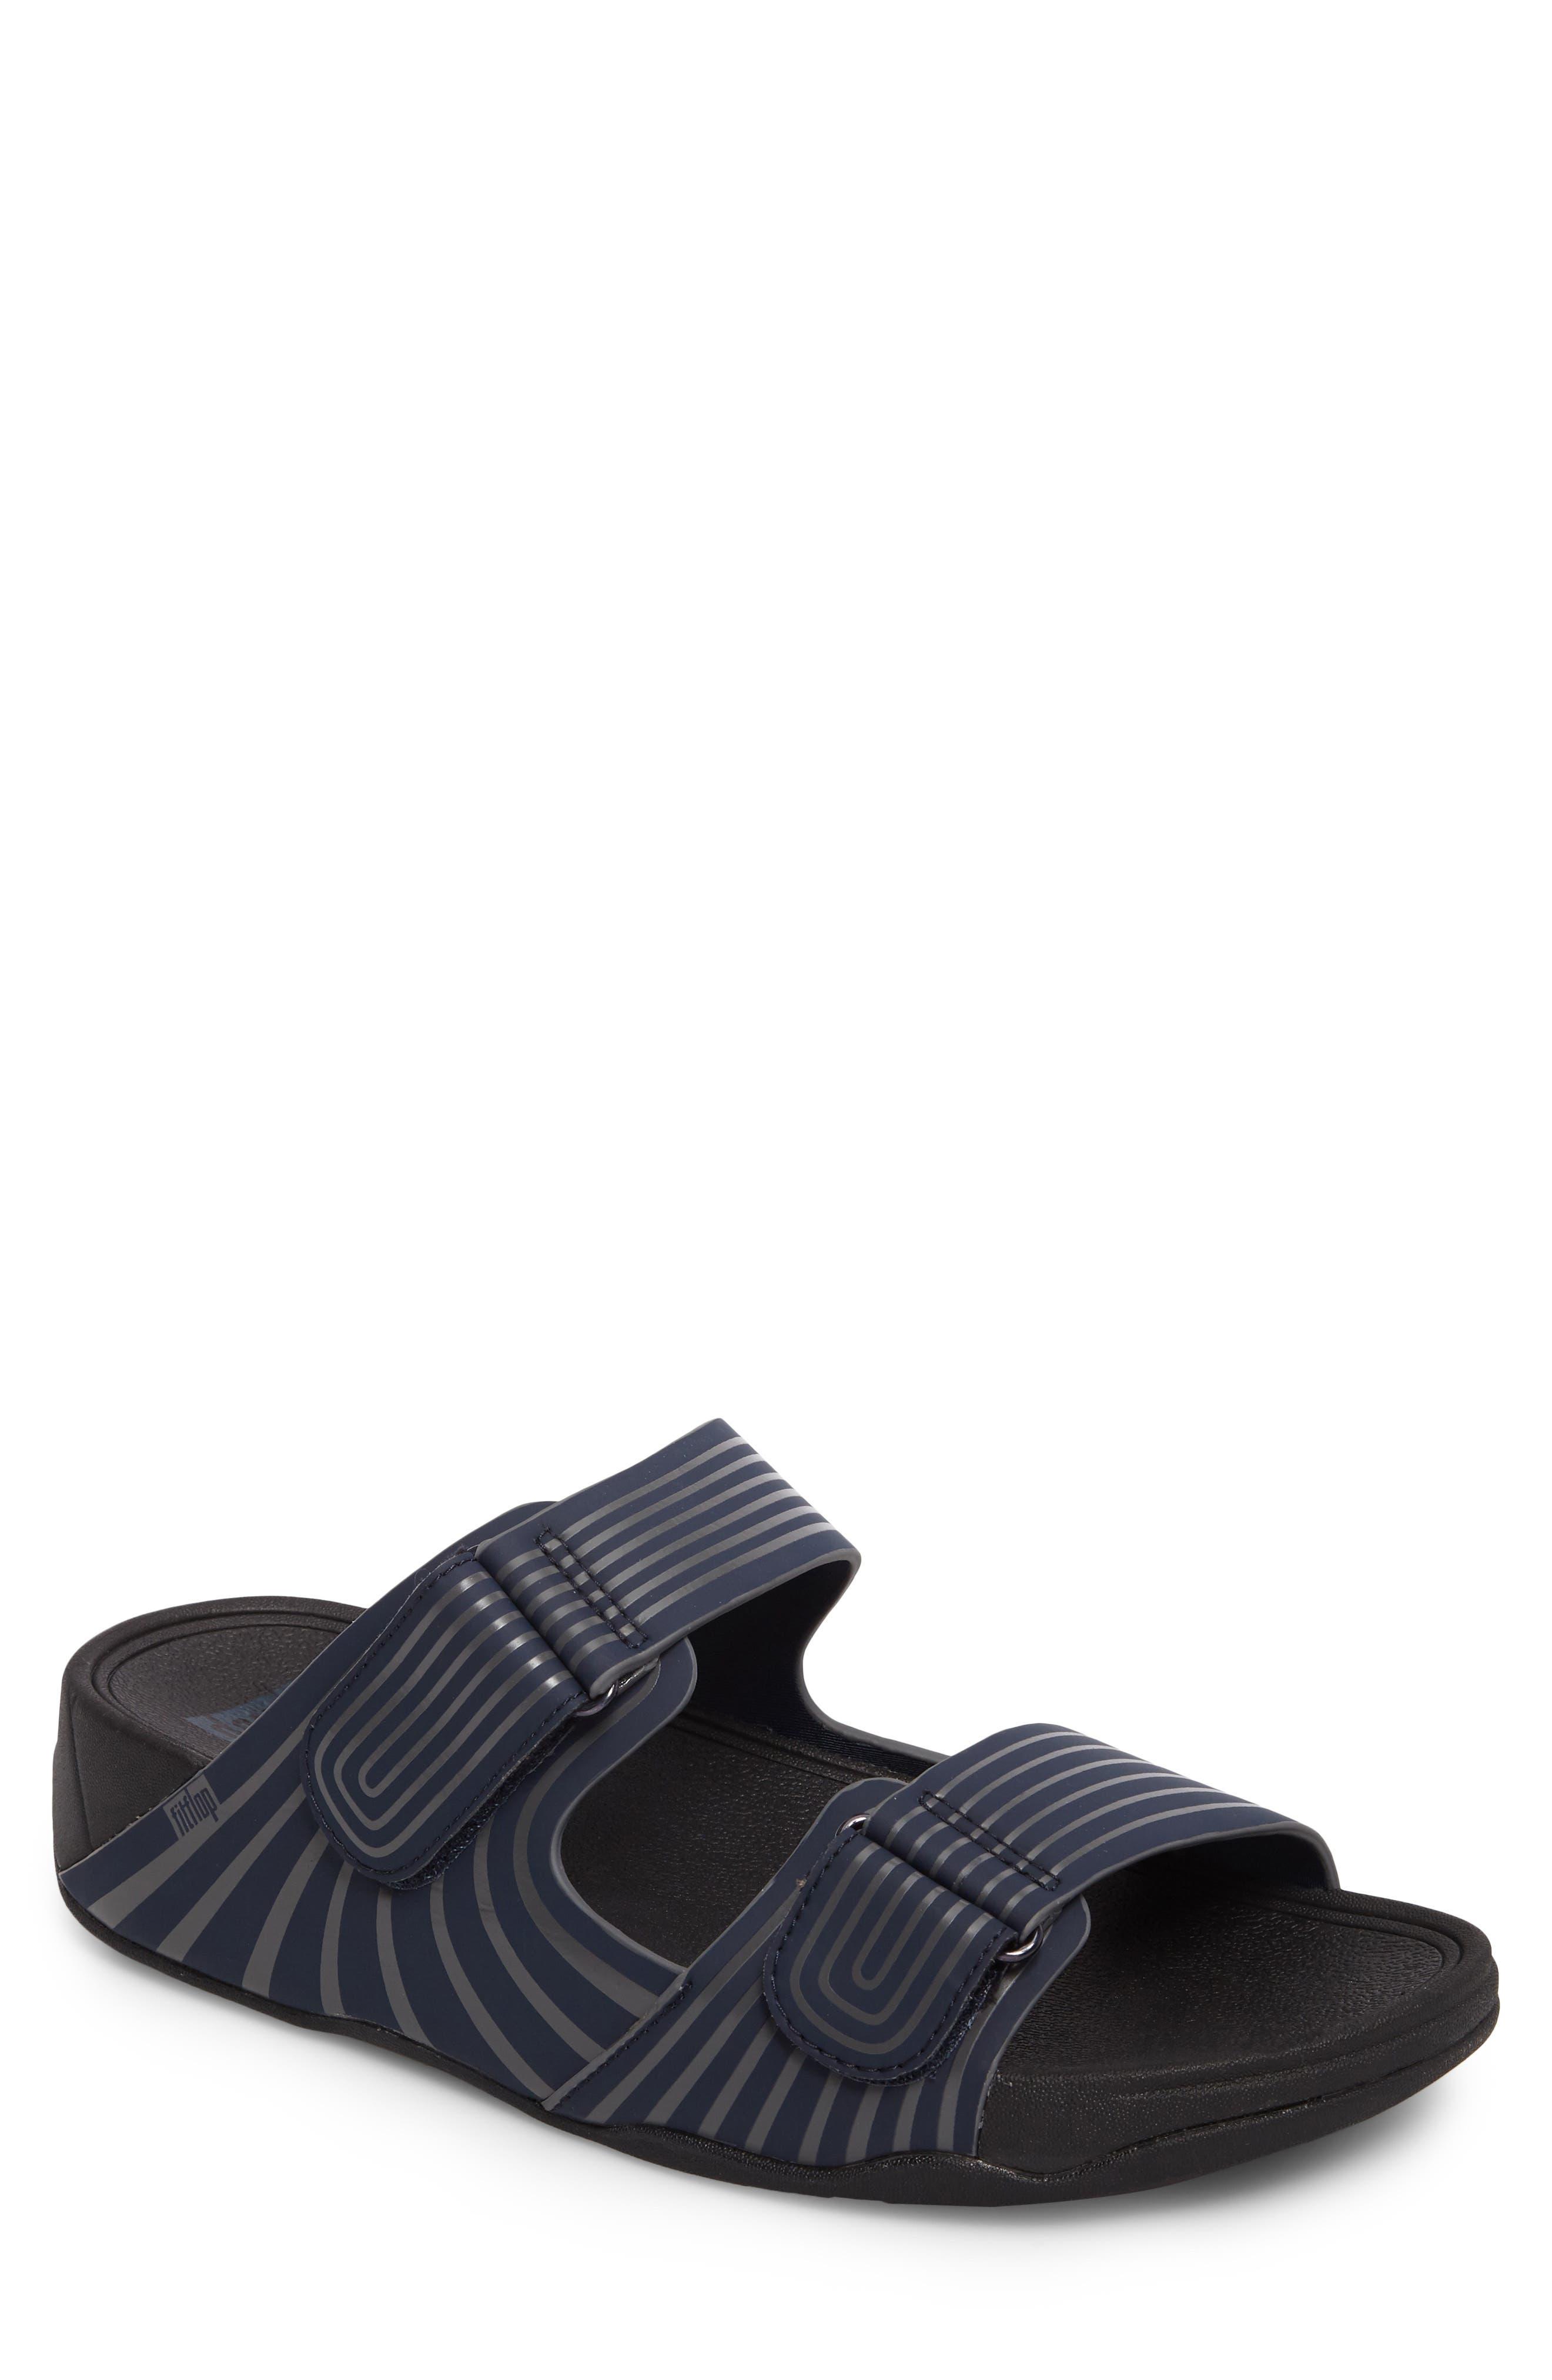 Main Image - FitFlop Gogh Sport Slide Sandal (Men)